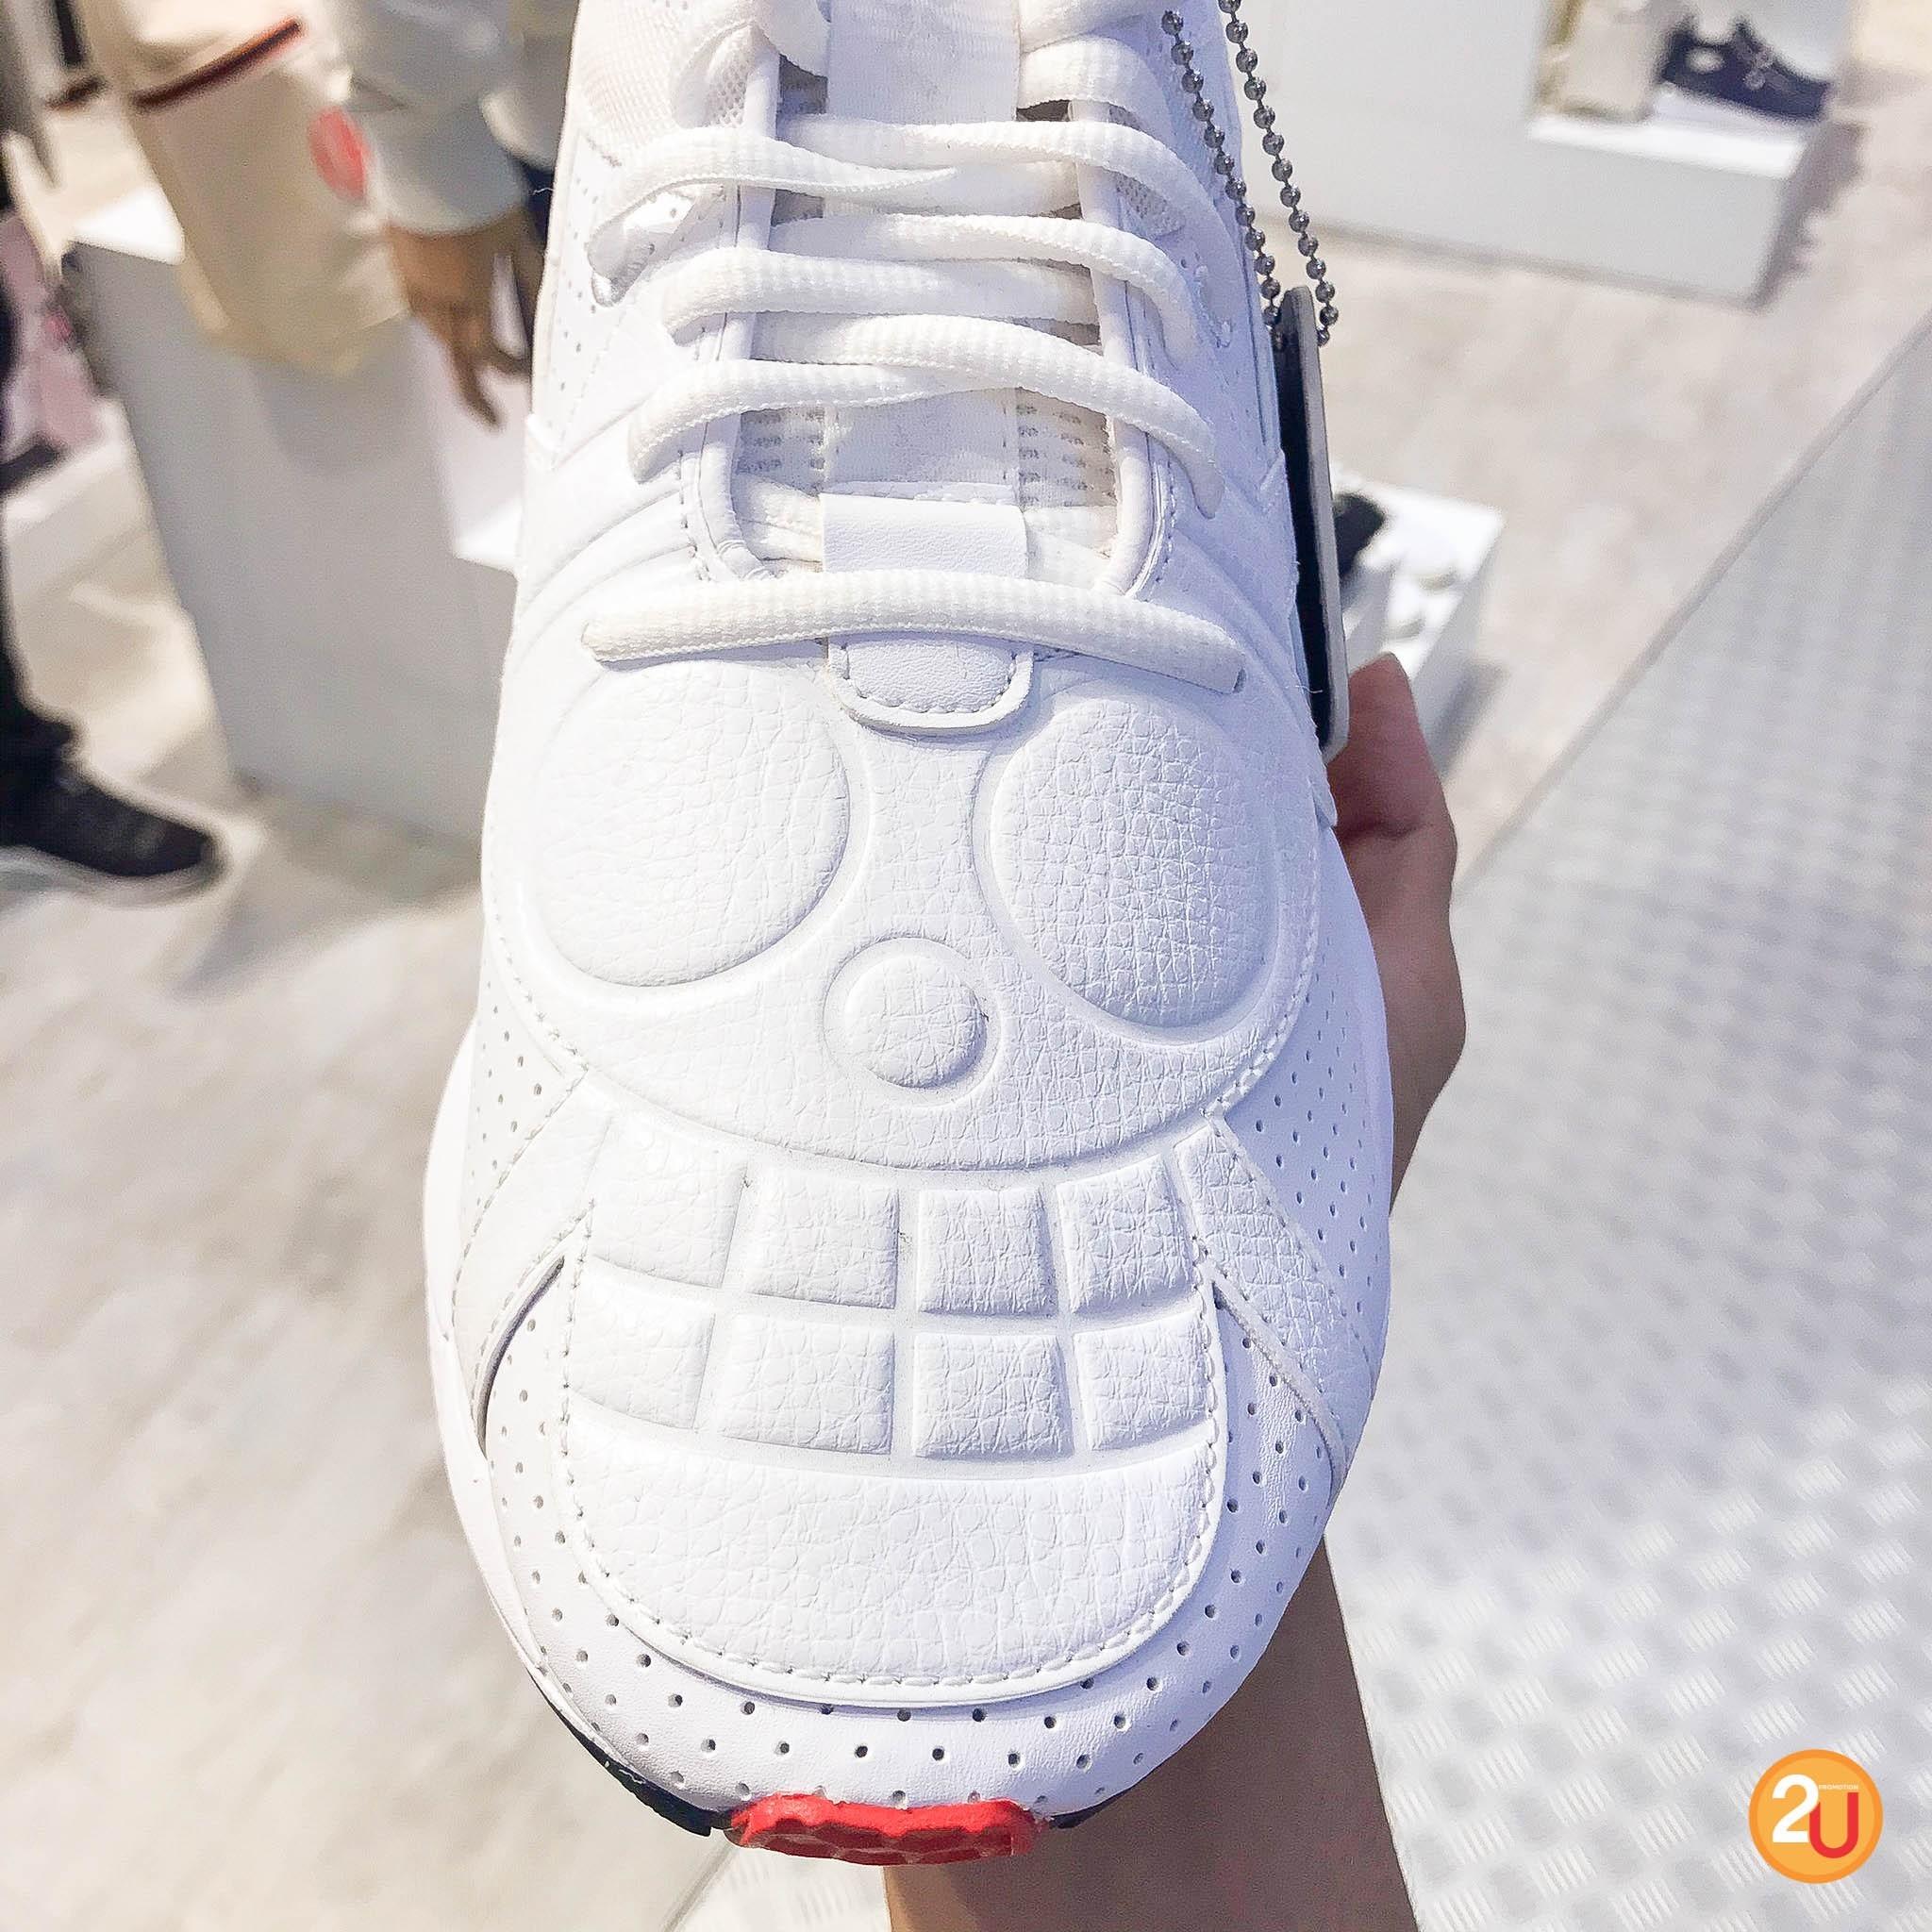 รองเท้า puma sneakers 2020 รุ่น one piece ด้านบนเป็นลายสัญลักษณ์ของกลุ่มหมวกฟาง